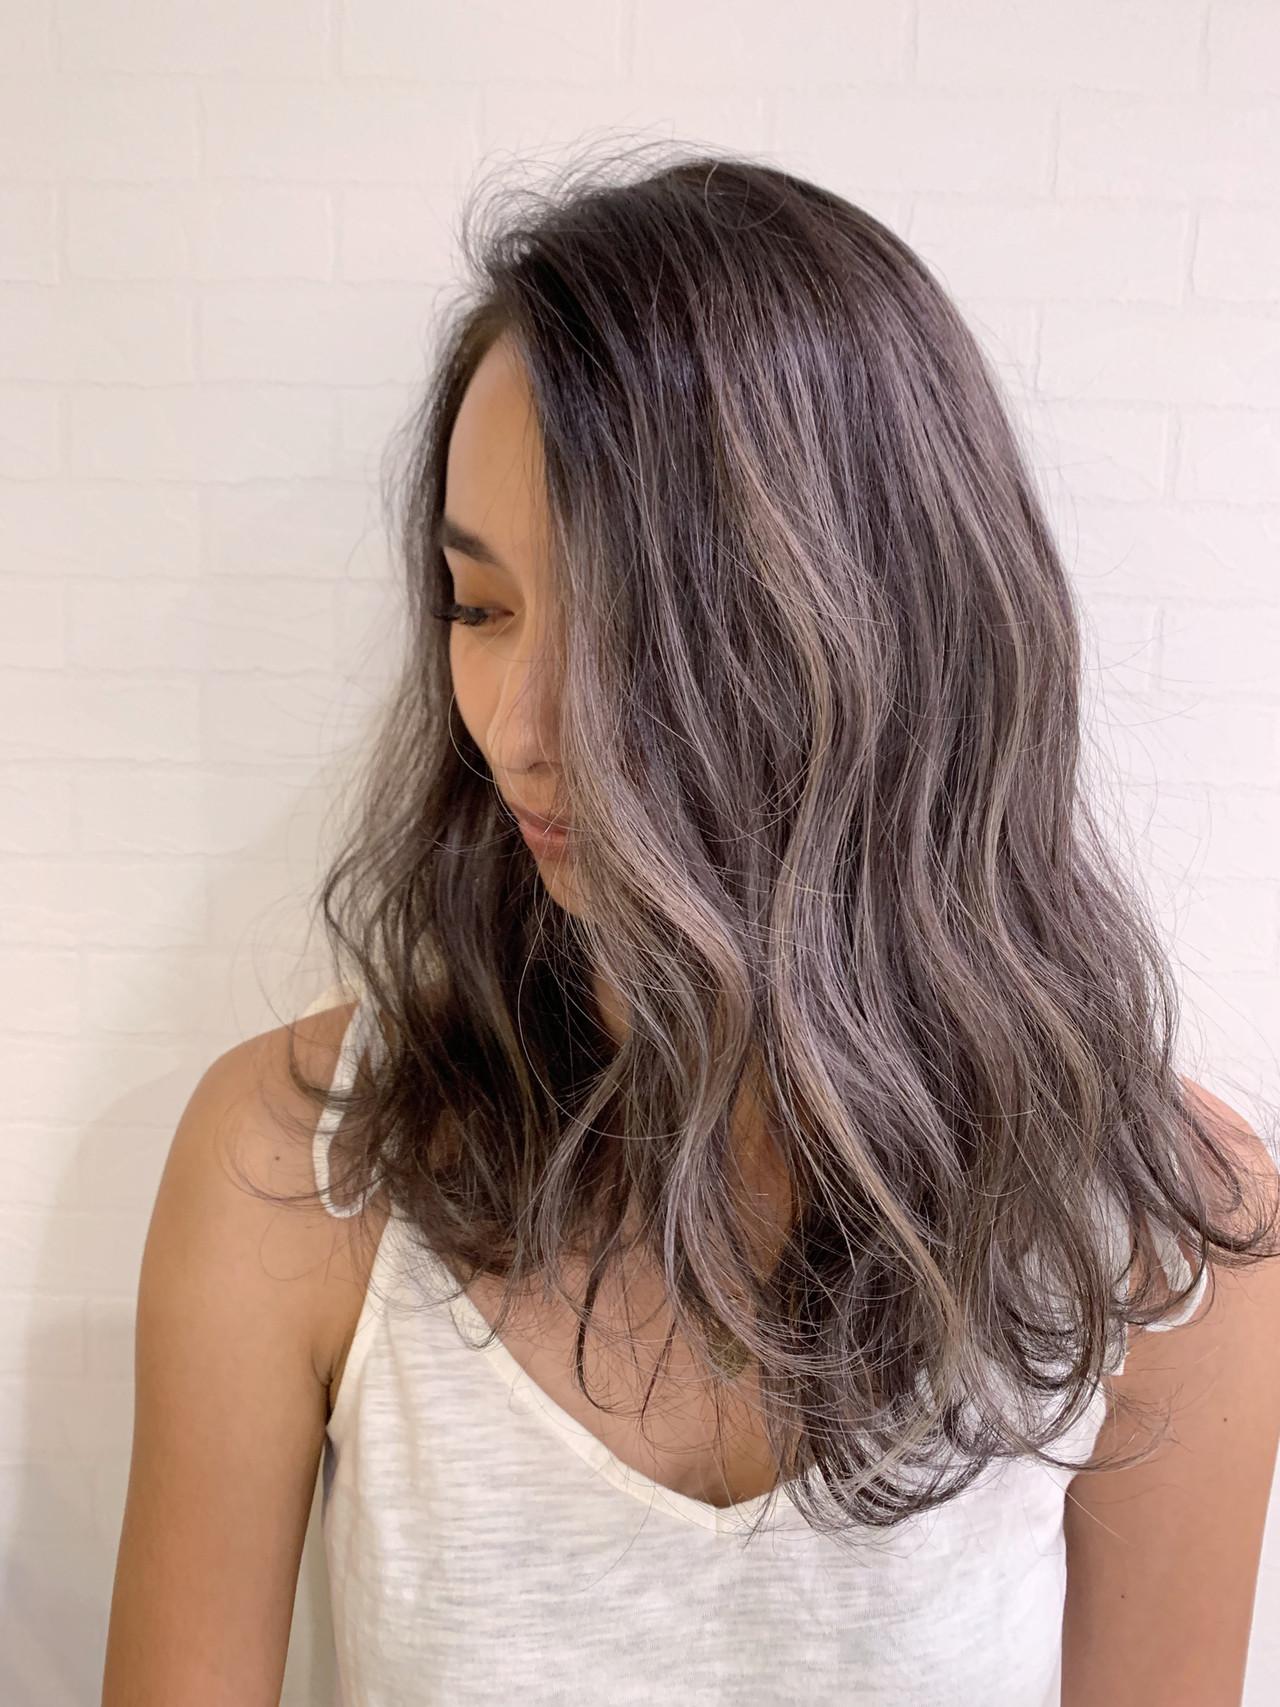 ヘアアレンジ ナチュラル 成人式 ハイライト ヘアスタイルや髪型の写真・画像 | 寺坂 雄飛 / banks hair